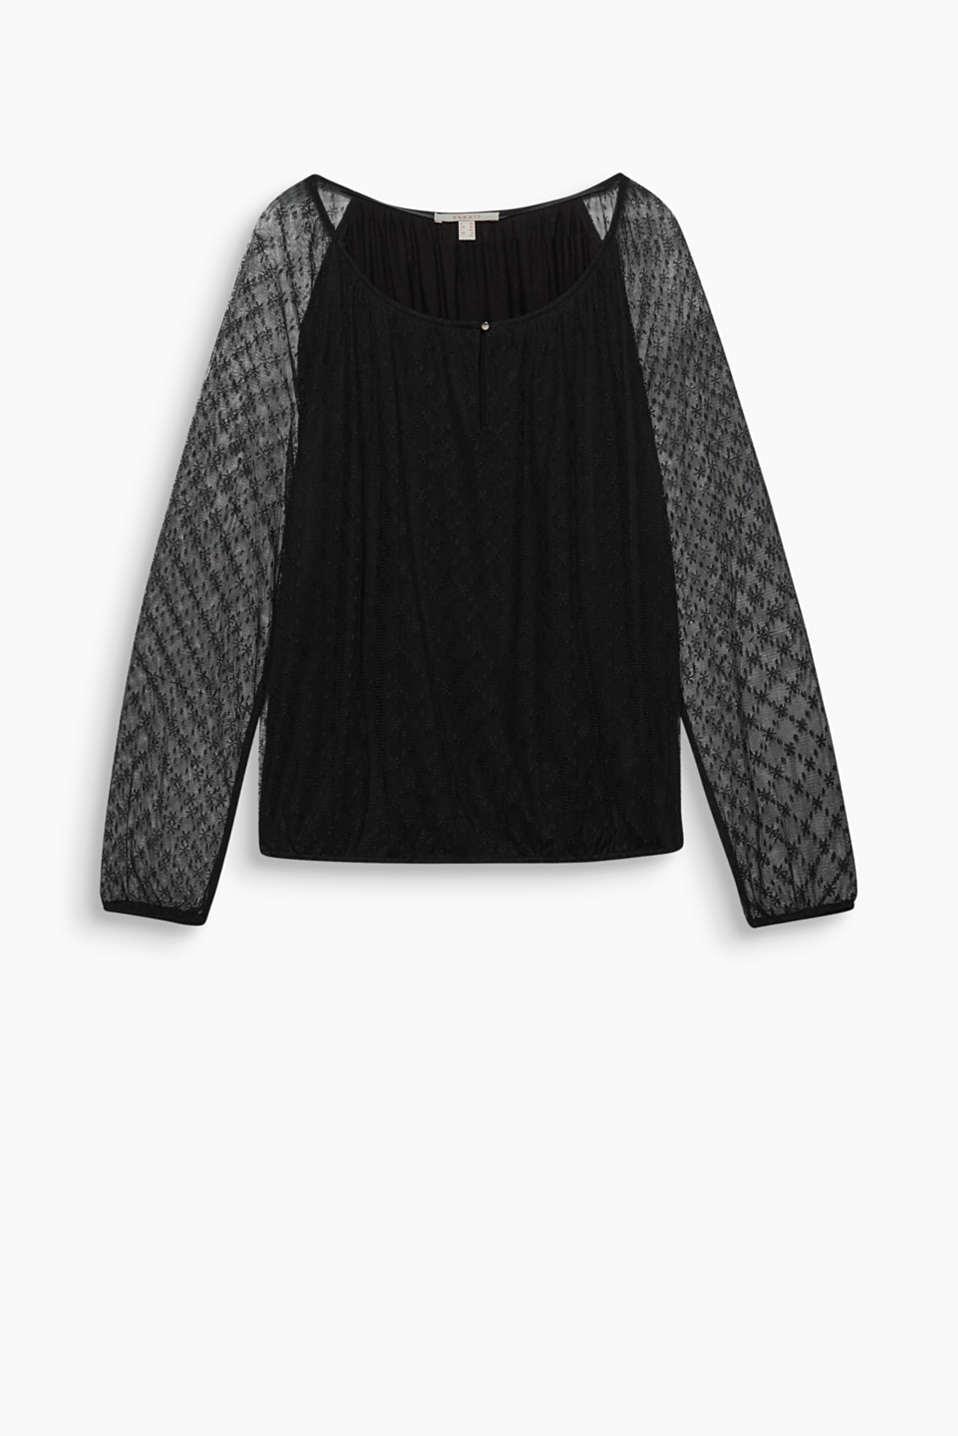 Perfetta da abbinare a una gonna di pelle o ai jeans skinny: camicetta in pizzo con maniche trasparenti e elastico sul fondo!